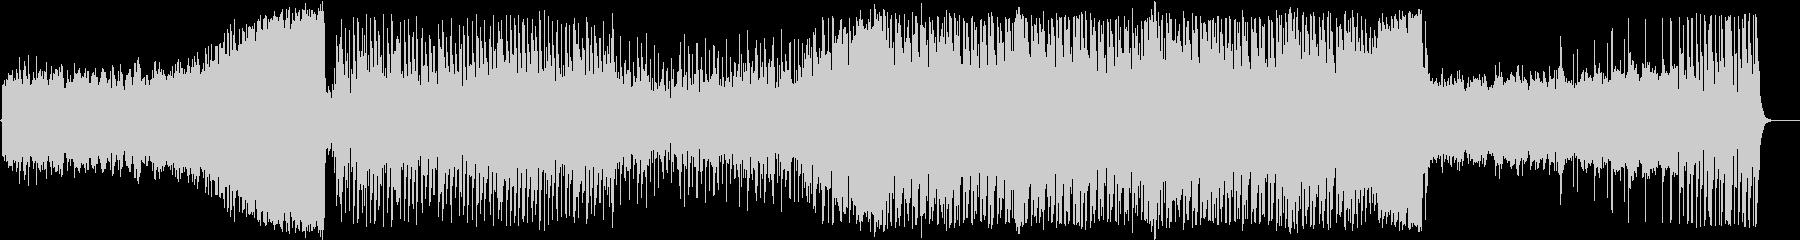 カノンとテクノのフュージョンの未再生の波形